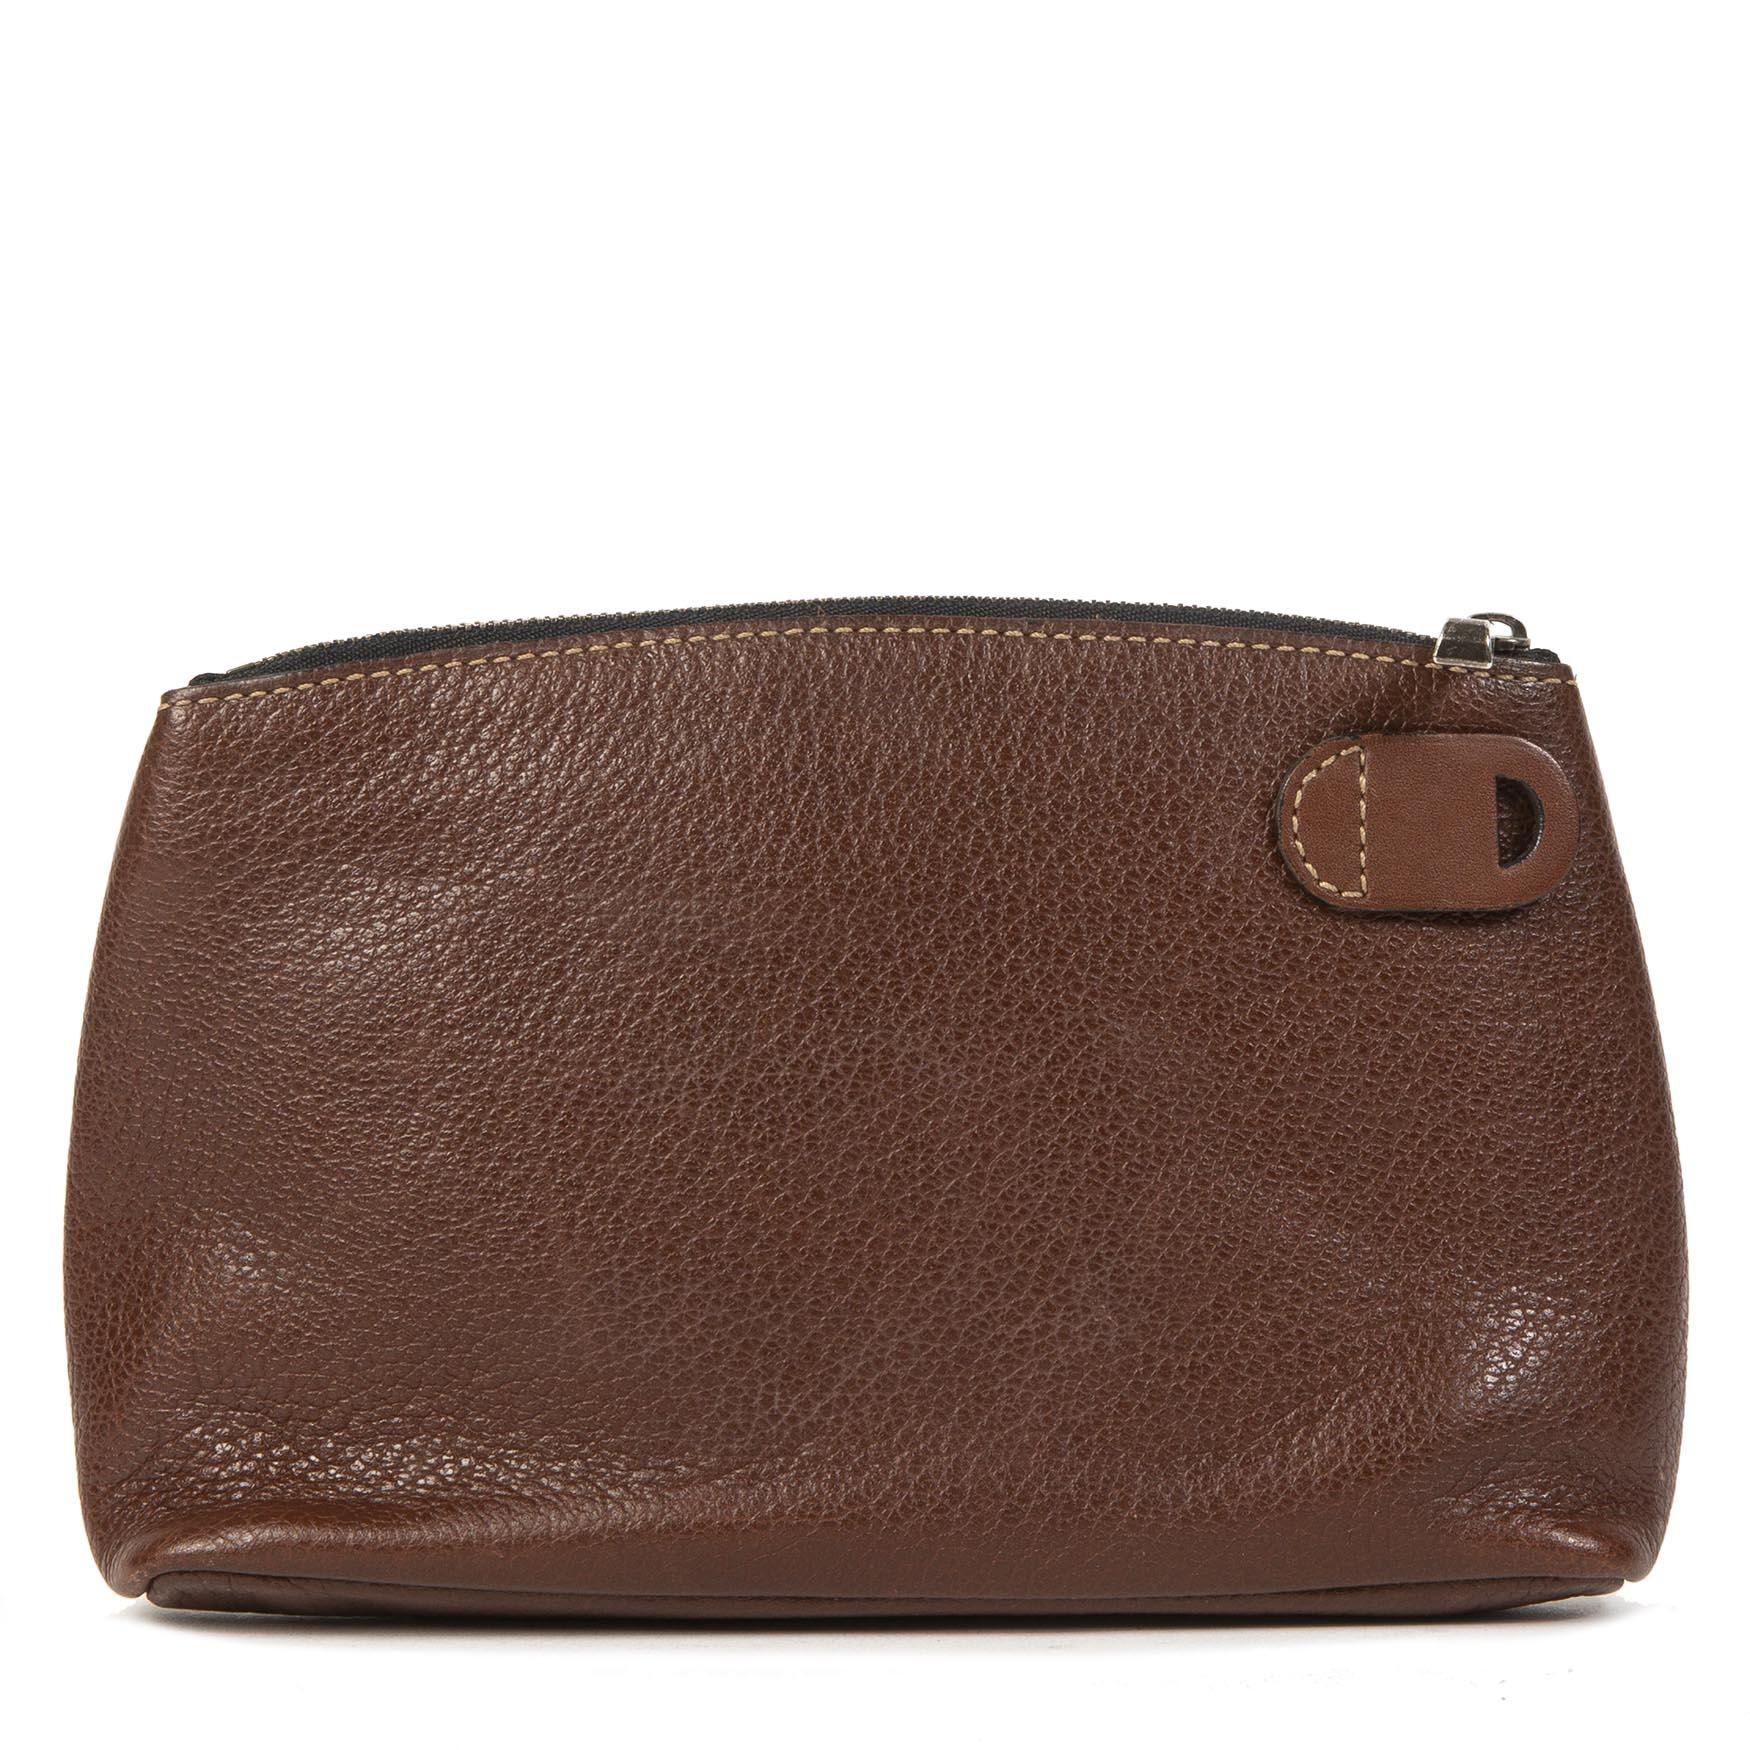 f80087d33ef koop online jou tweedehands delvaux pouch shop safe online your secondhand  Deux de delvaux pochette